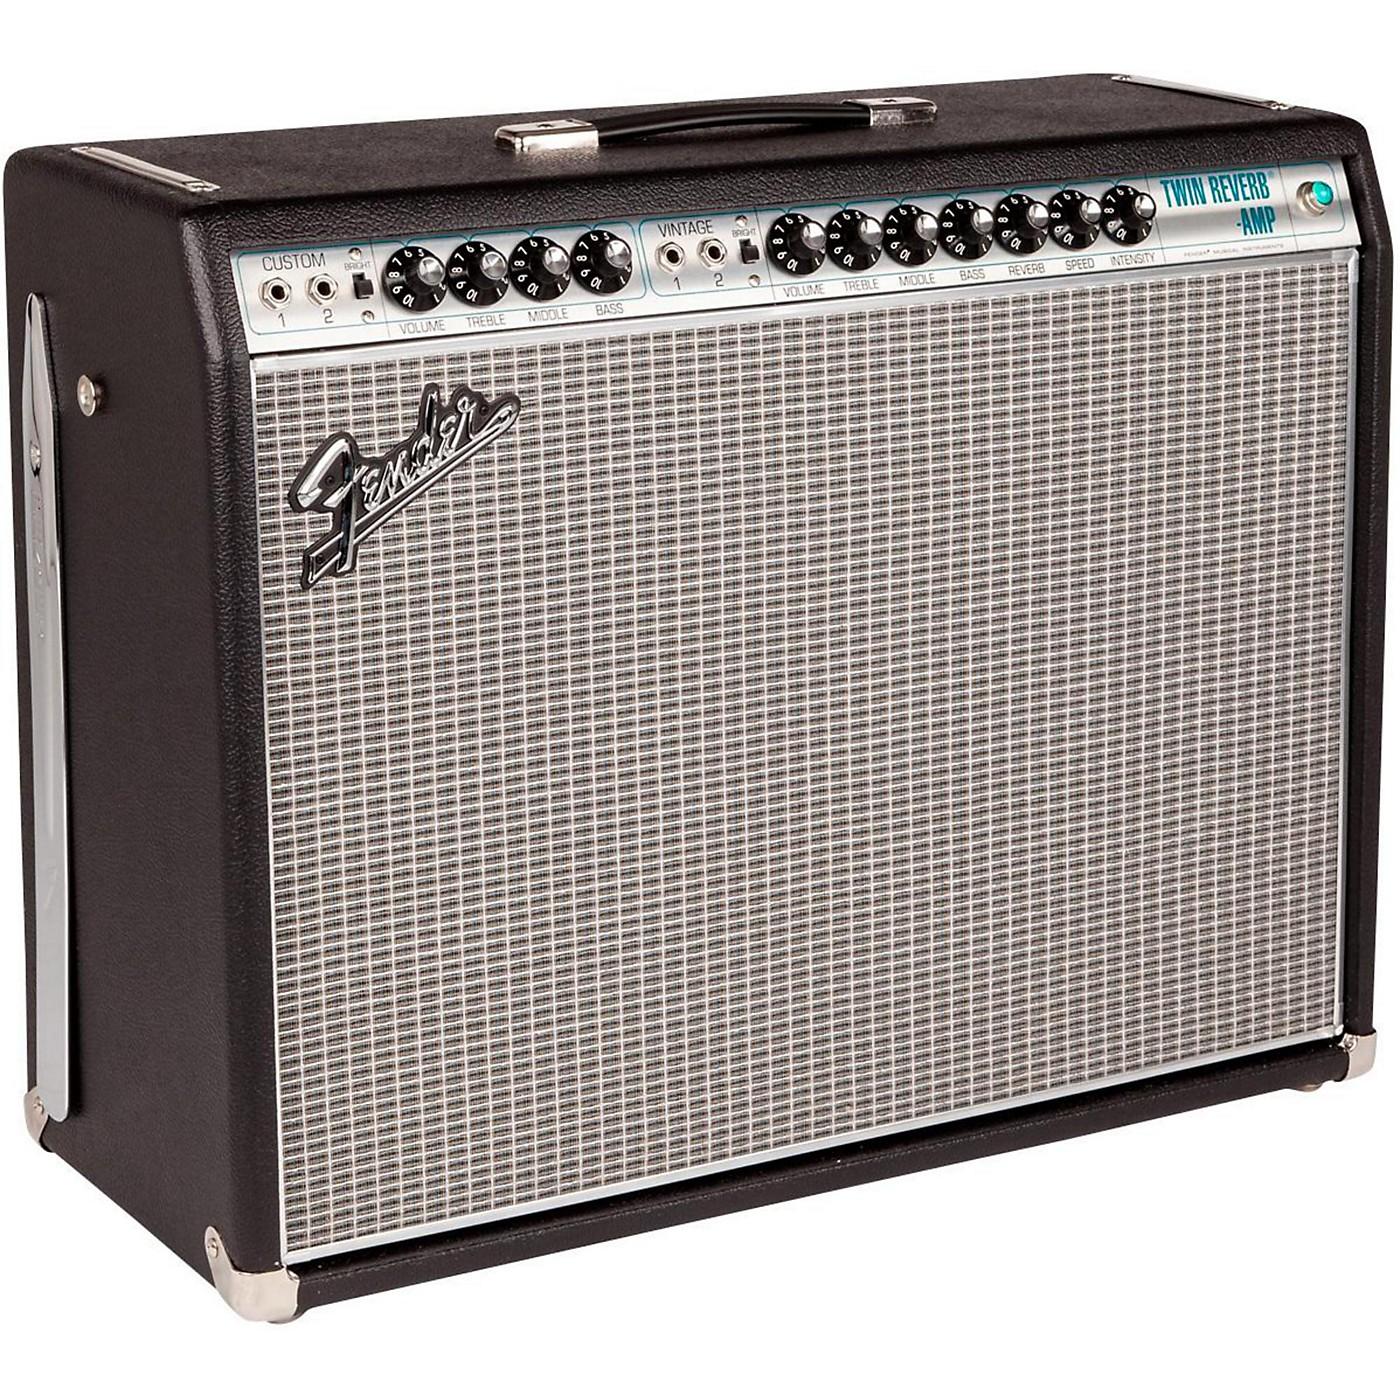 Fender '68 Custom Twin Reverb 85W 2x12 Tube Guitar Combo Amp with Celestion G12V-70s Speaker thumbnail